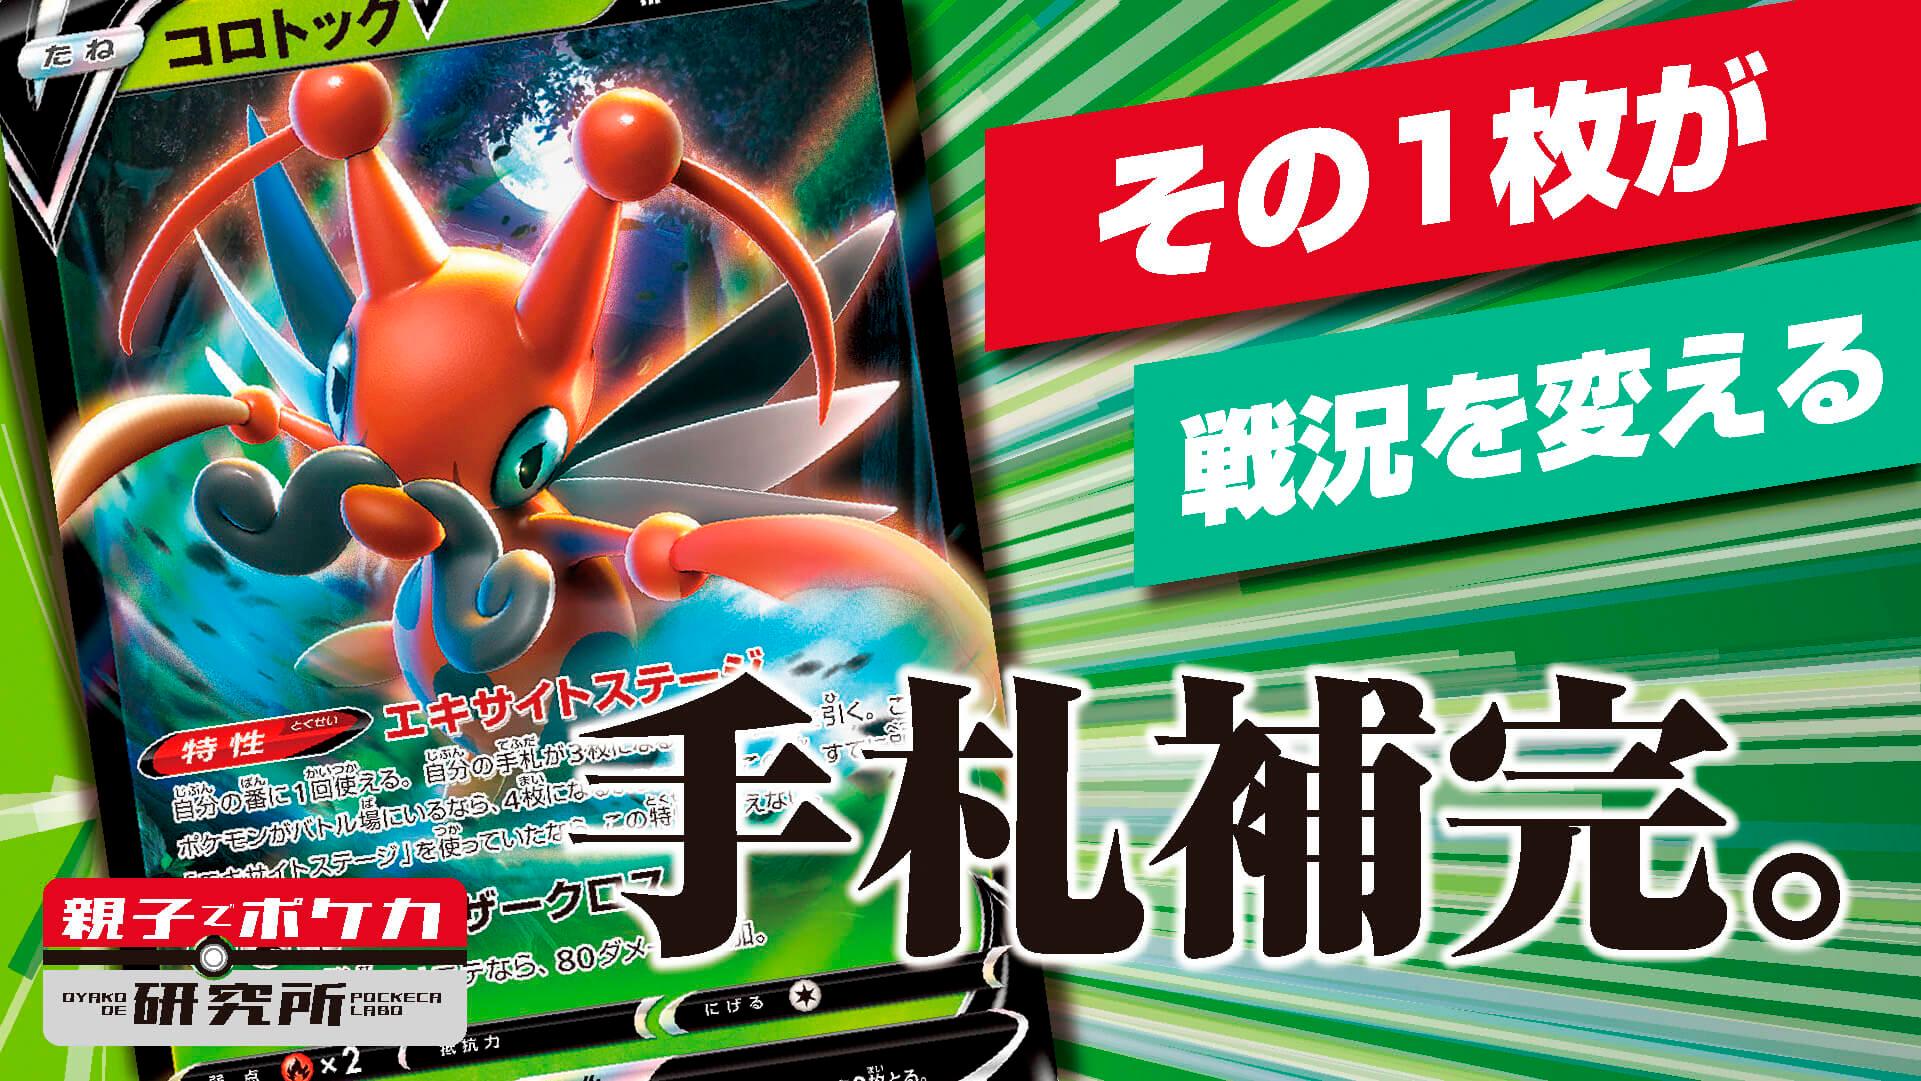 【連撃マスター】コロトックV/毎ターン手札ドローを可能にするシステムポケモン